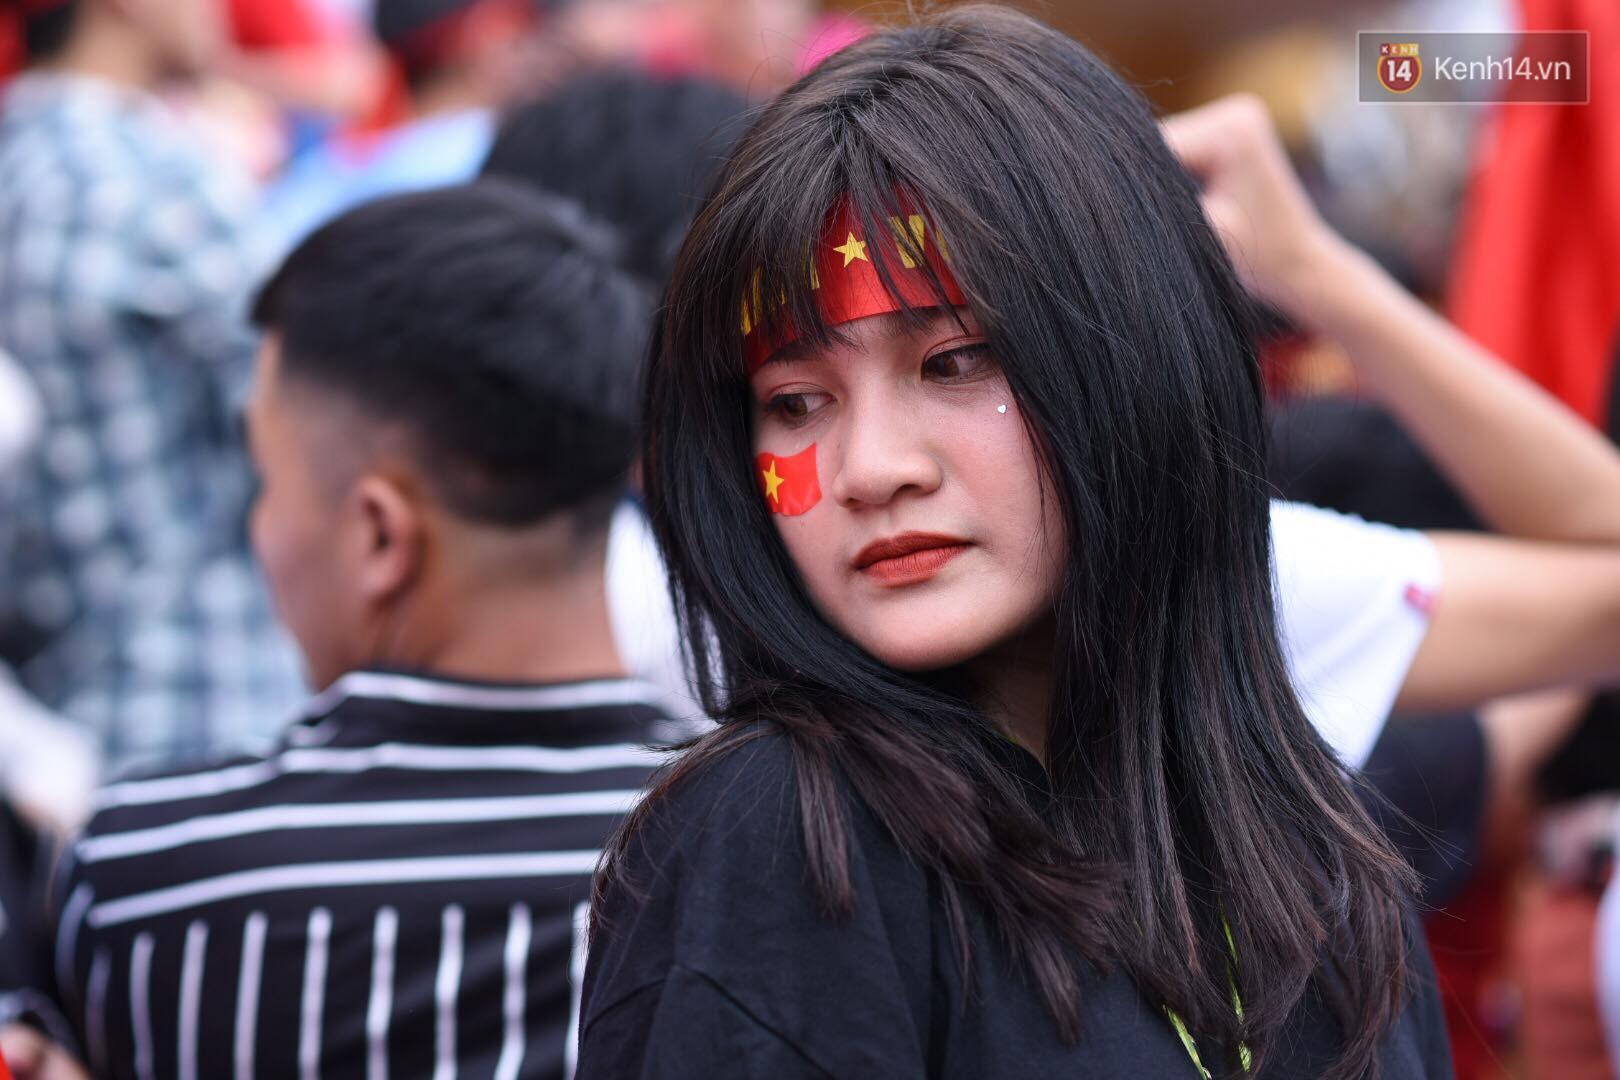 Hot boy trường Y gây chú ý khi xuất hiện trên khán đài cổ vũ Olympic Việt Nam cùng một cô gái lạ - Ảnh 5.